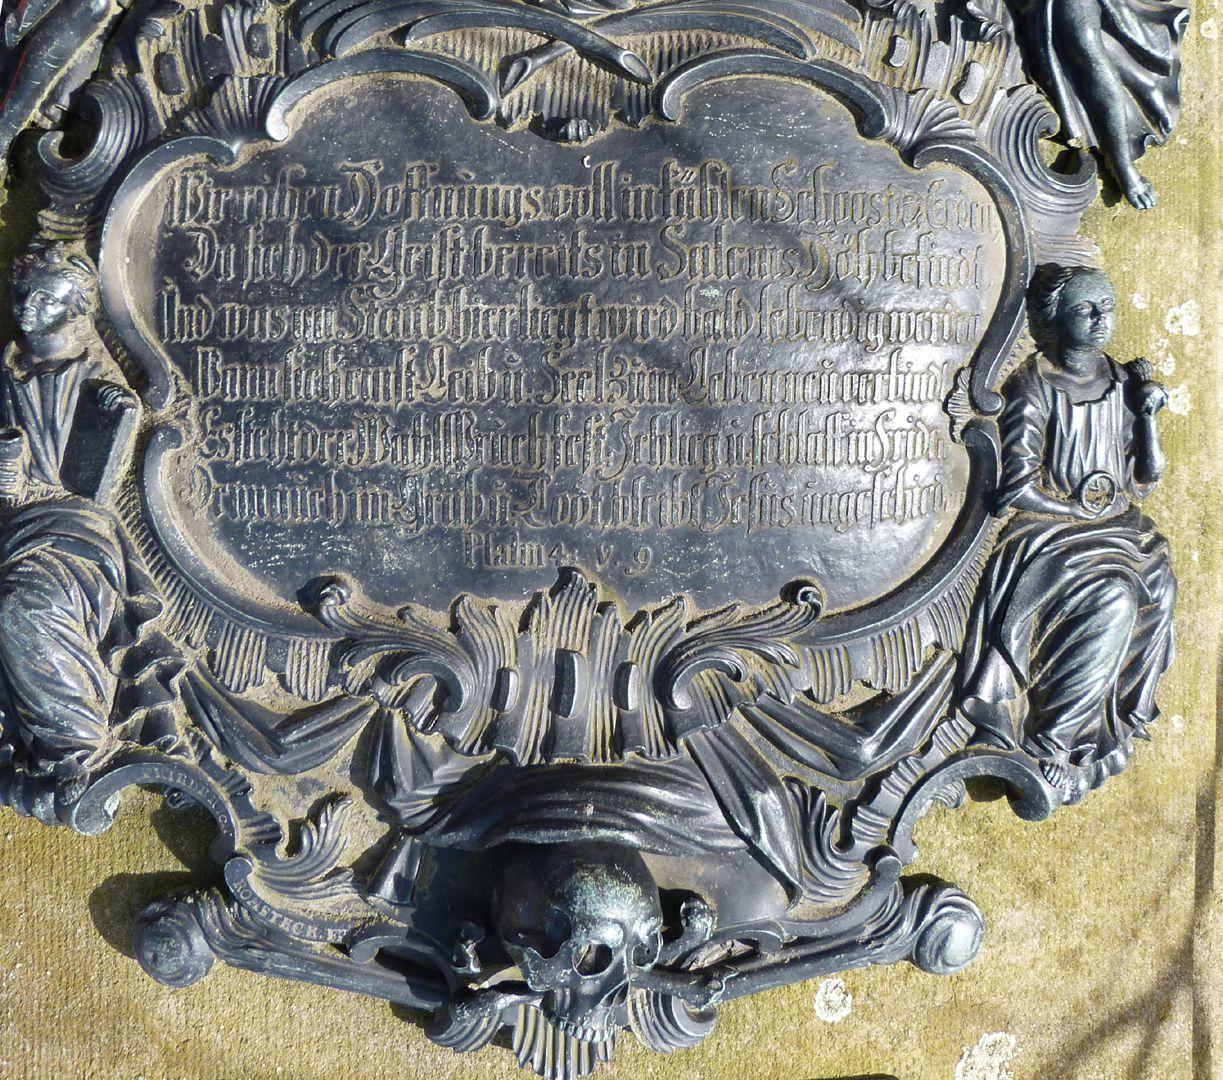 Tumba des Georg Wolff Pantzer und Ehefrau Anna Maria Elisabetha Ruland untere Inschriftpartie mit abschließendem Schädel